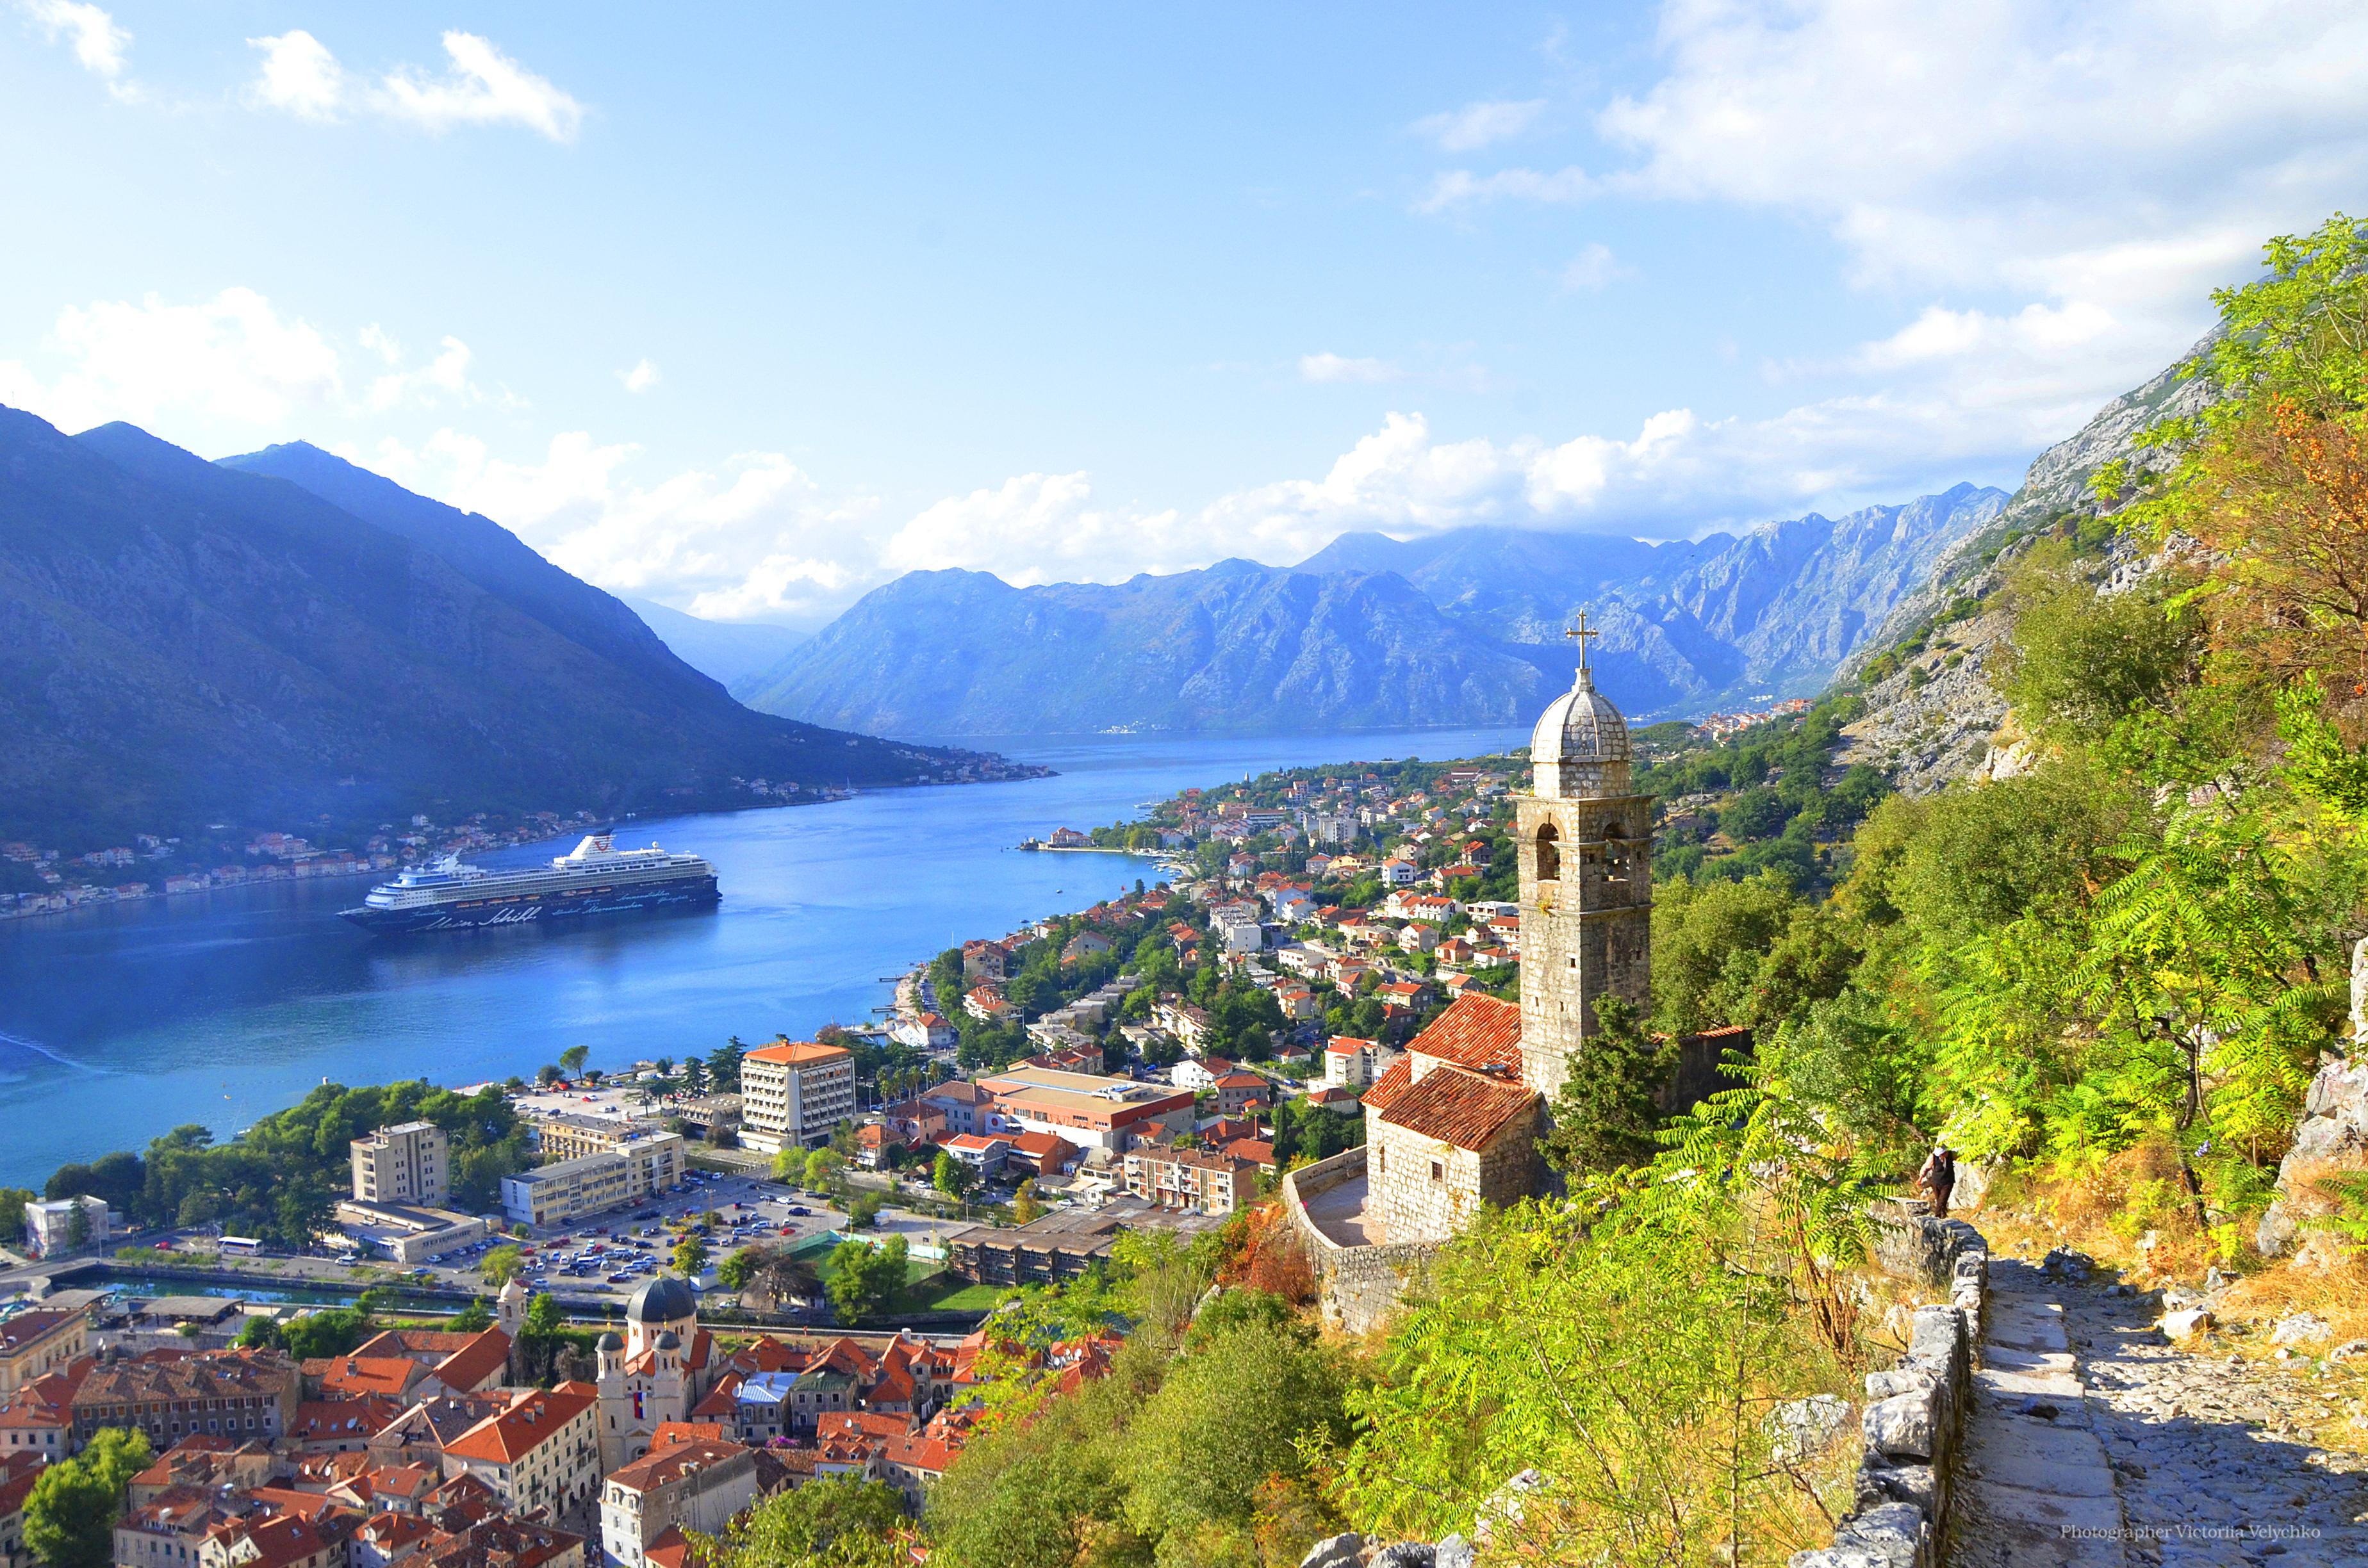 Черногория с морским побережьем, горными массивами, реками и озерами словно создана для туризма